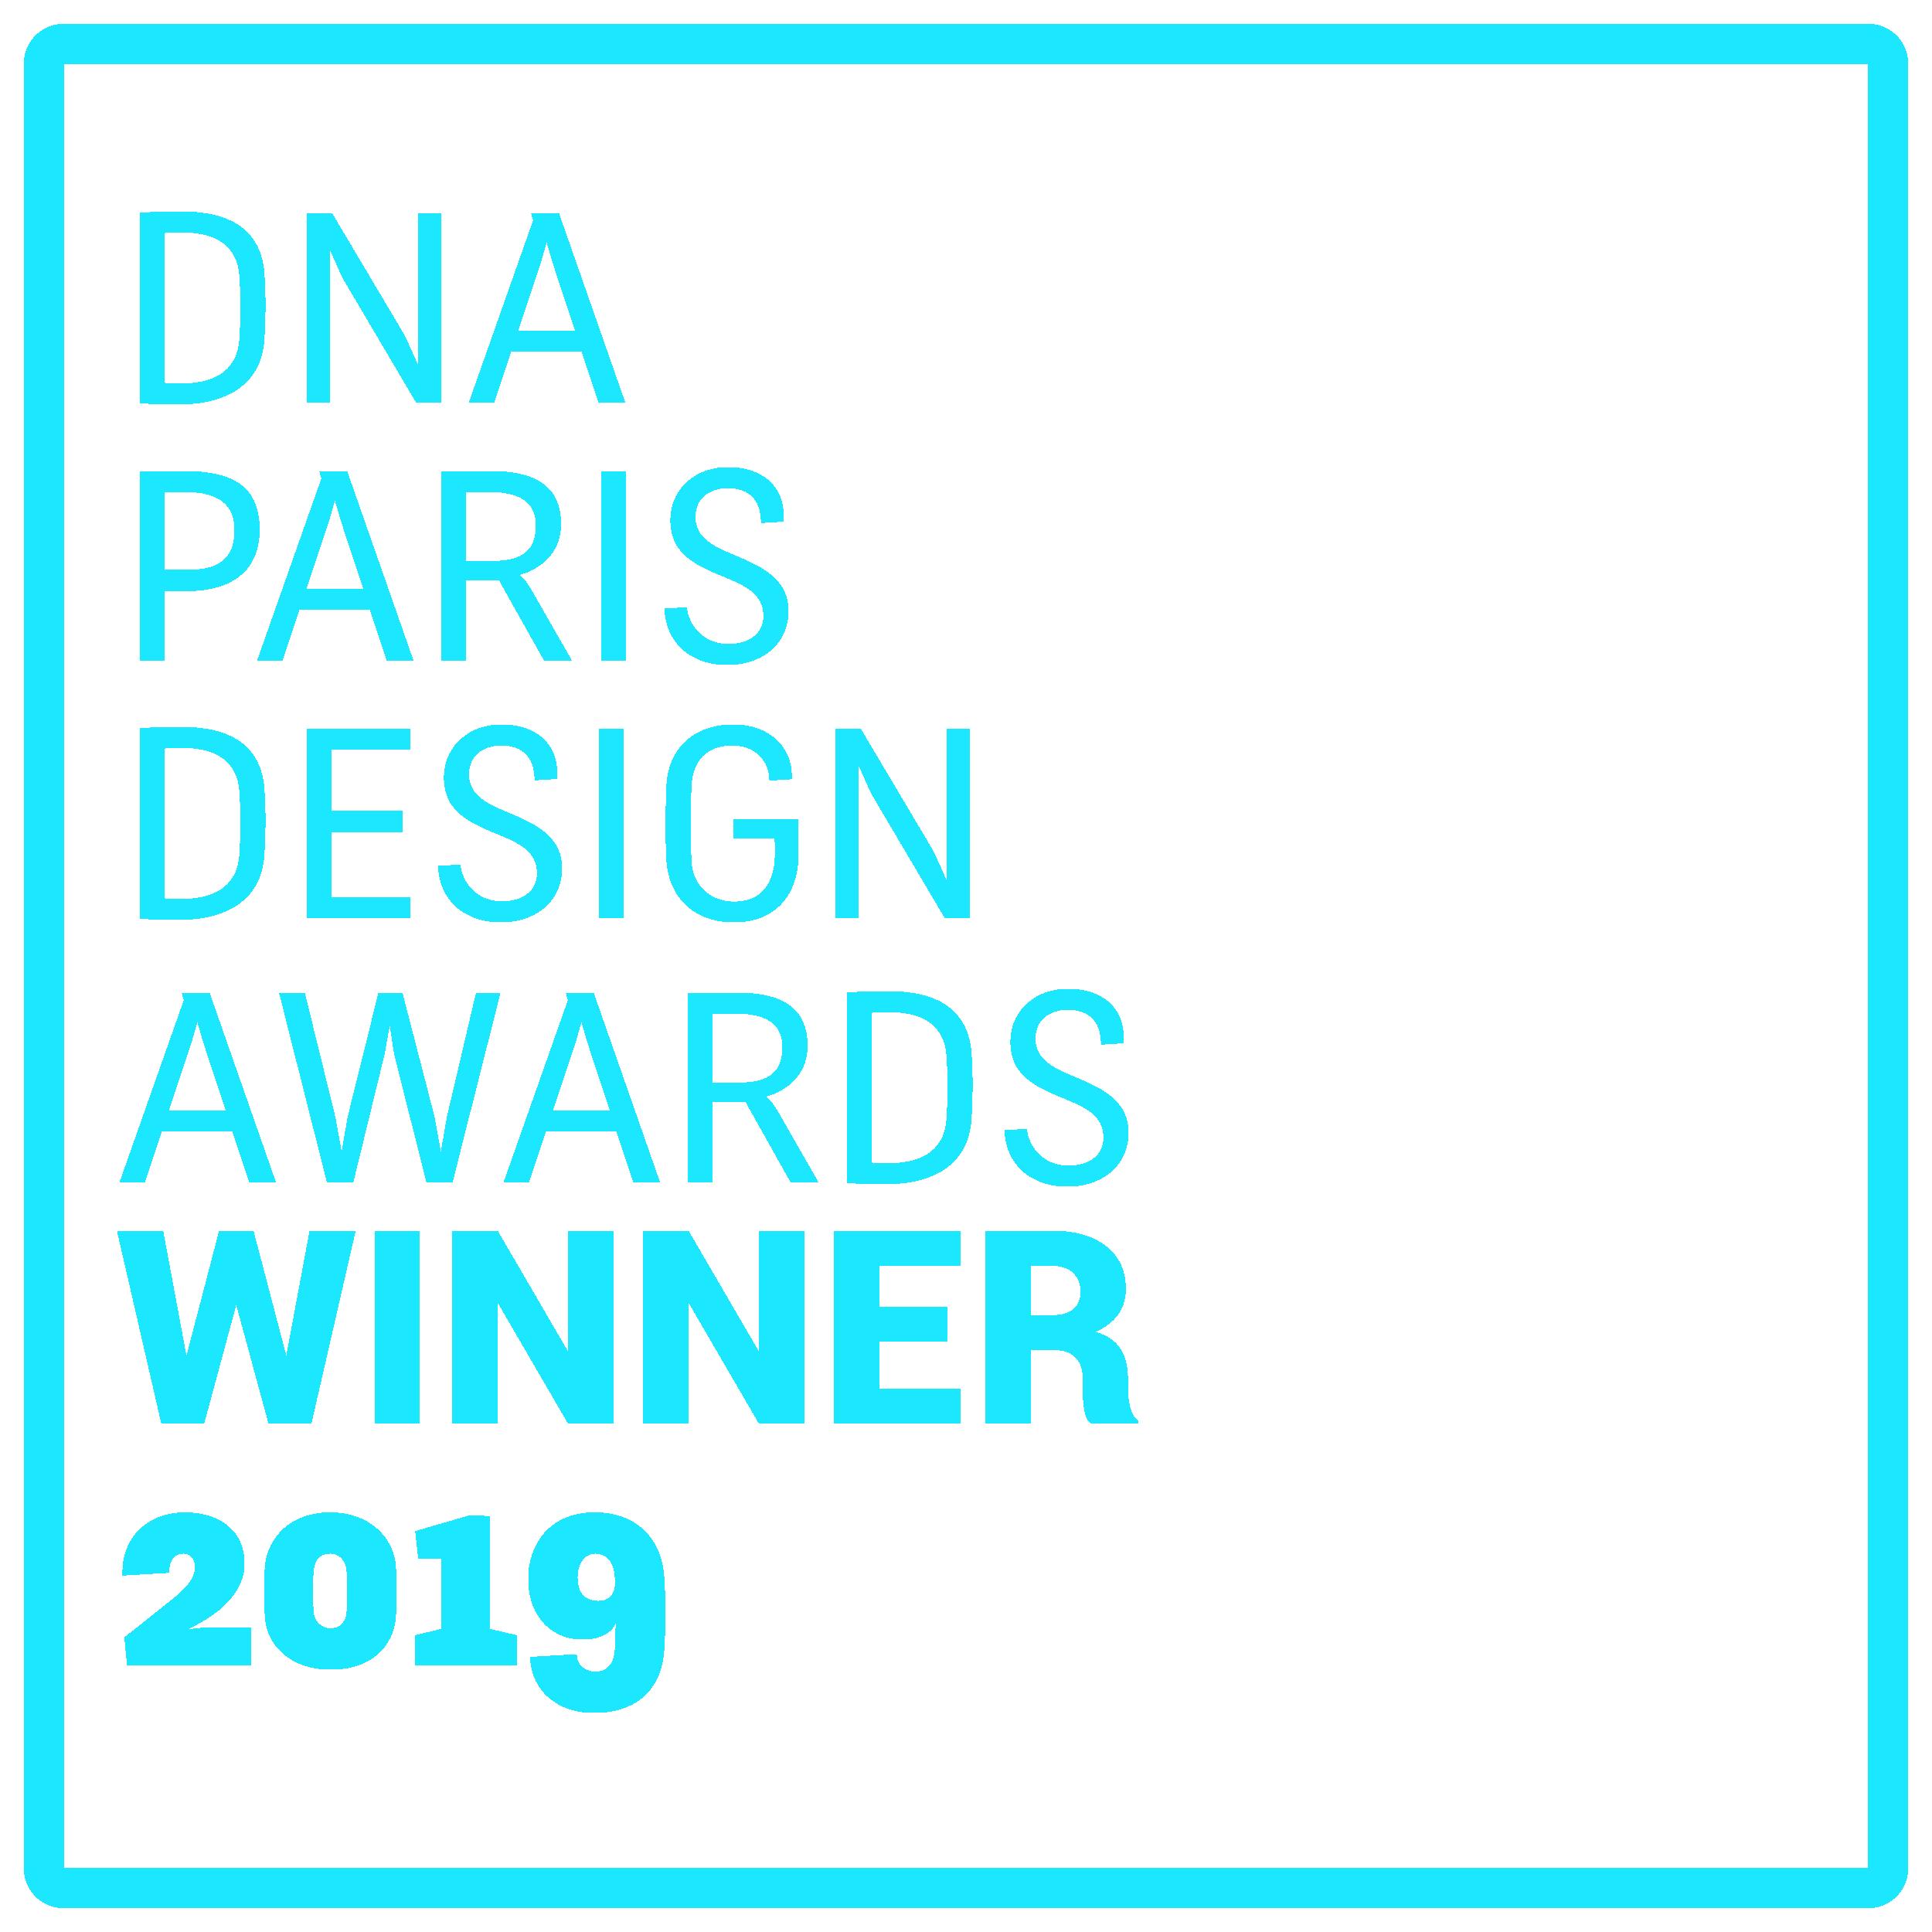 dna_winner_2019.png